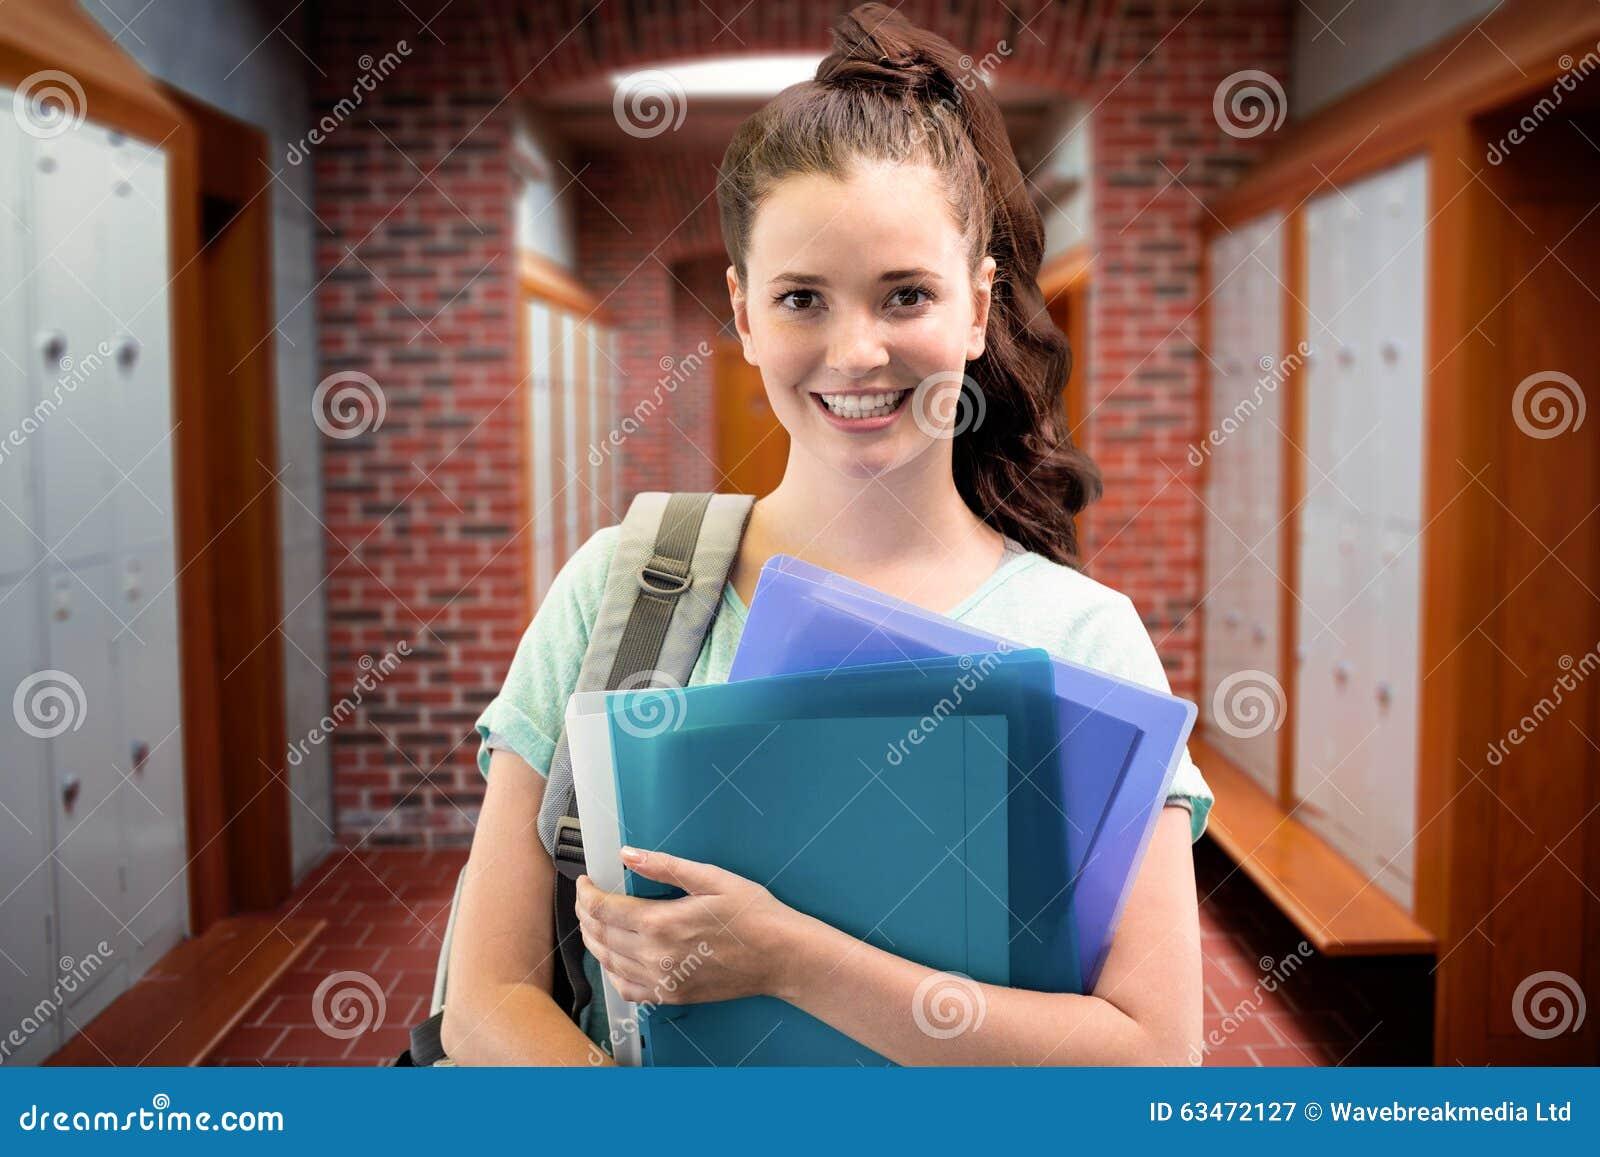 Imagen compuesta del estudiante sonriente